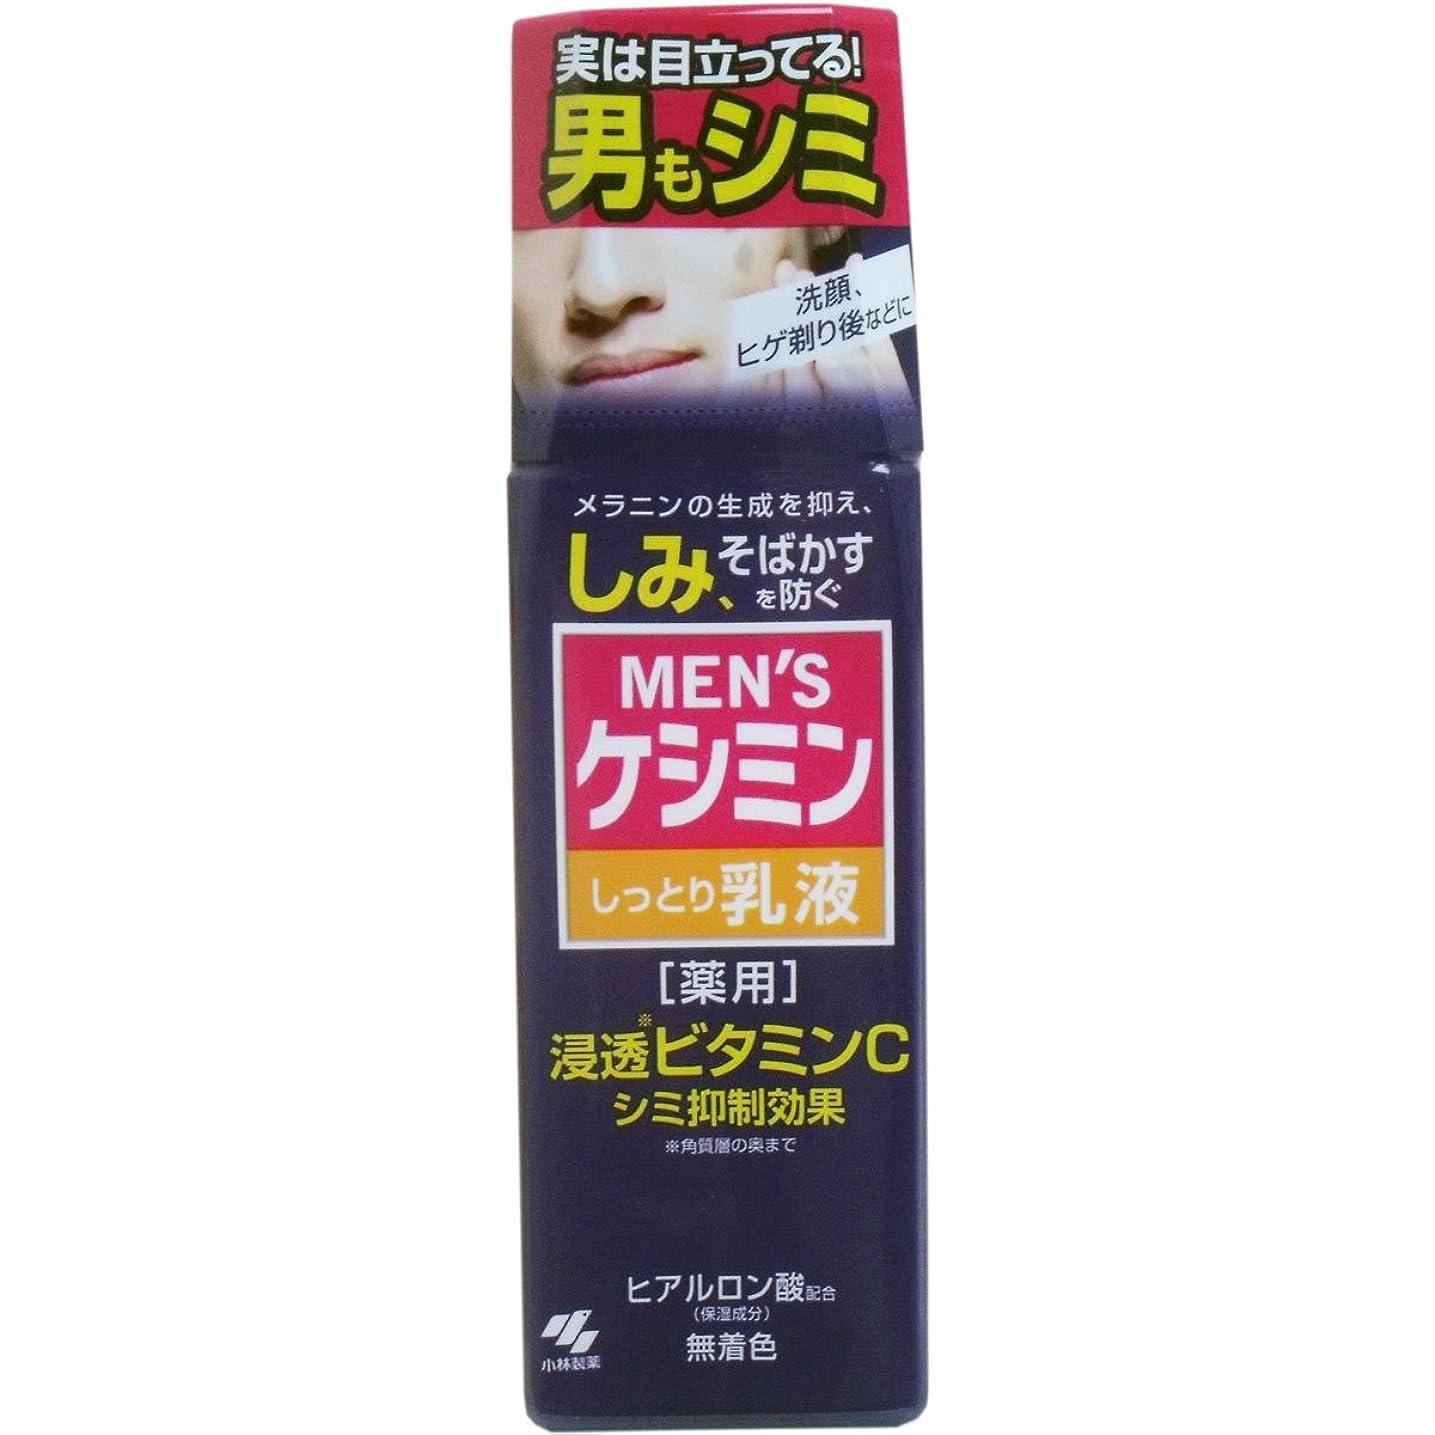 報奨金告発困惑する【小林製薬】メンズケシミン乳液 110ml ×10個セット